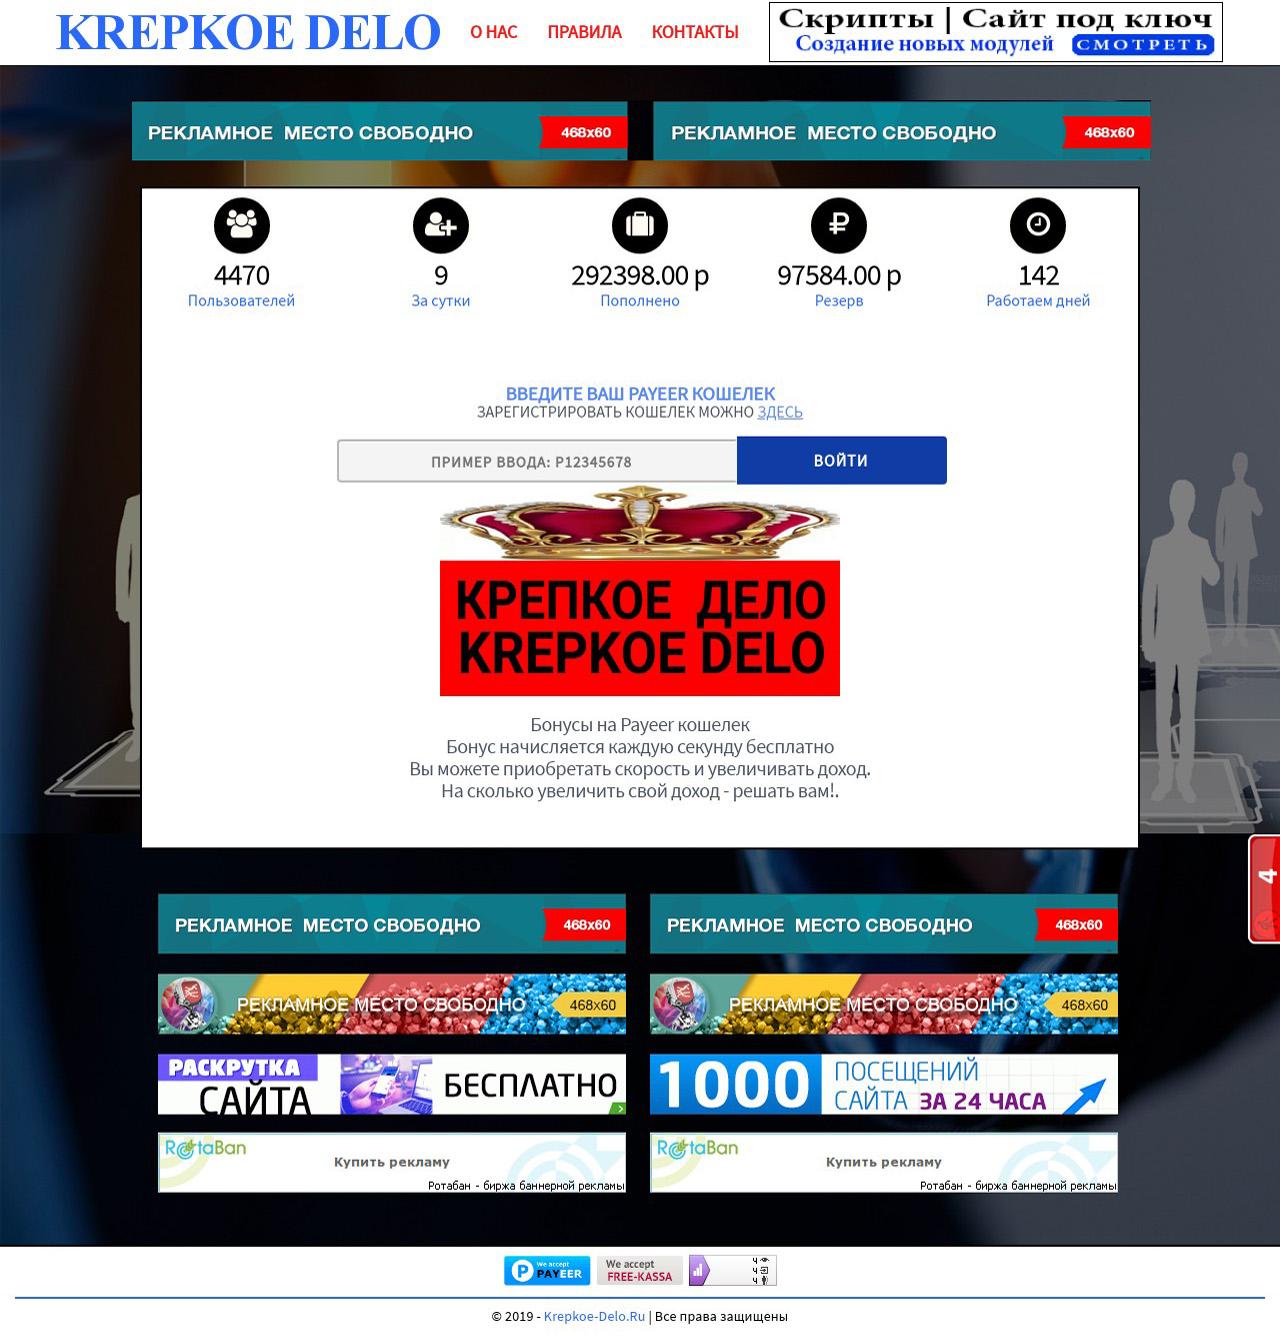 скрипт или сайт для продажи фотографий болдуина несколько интрижек